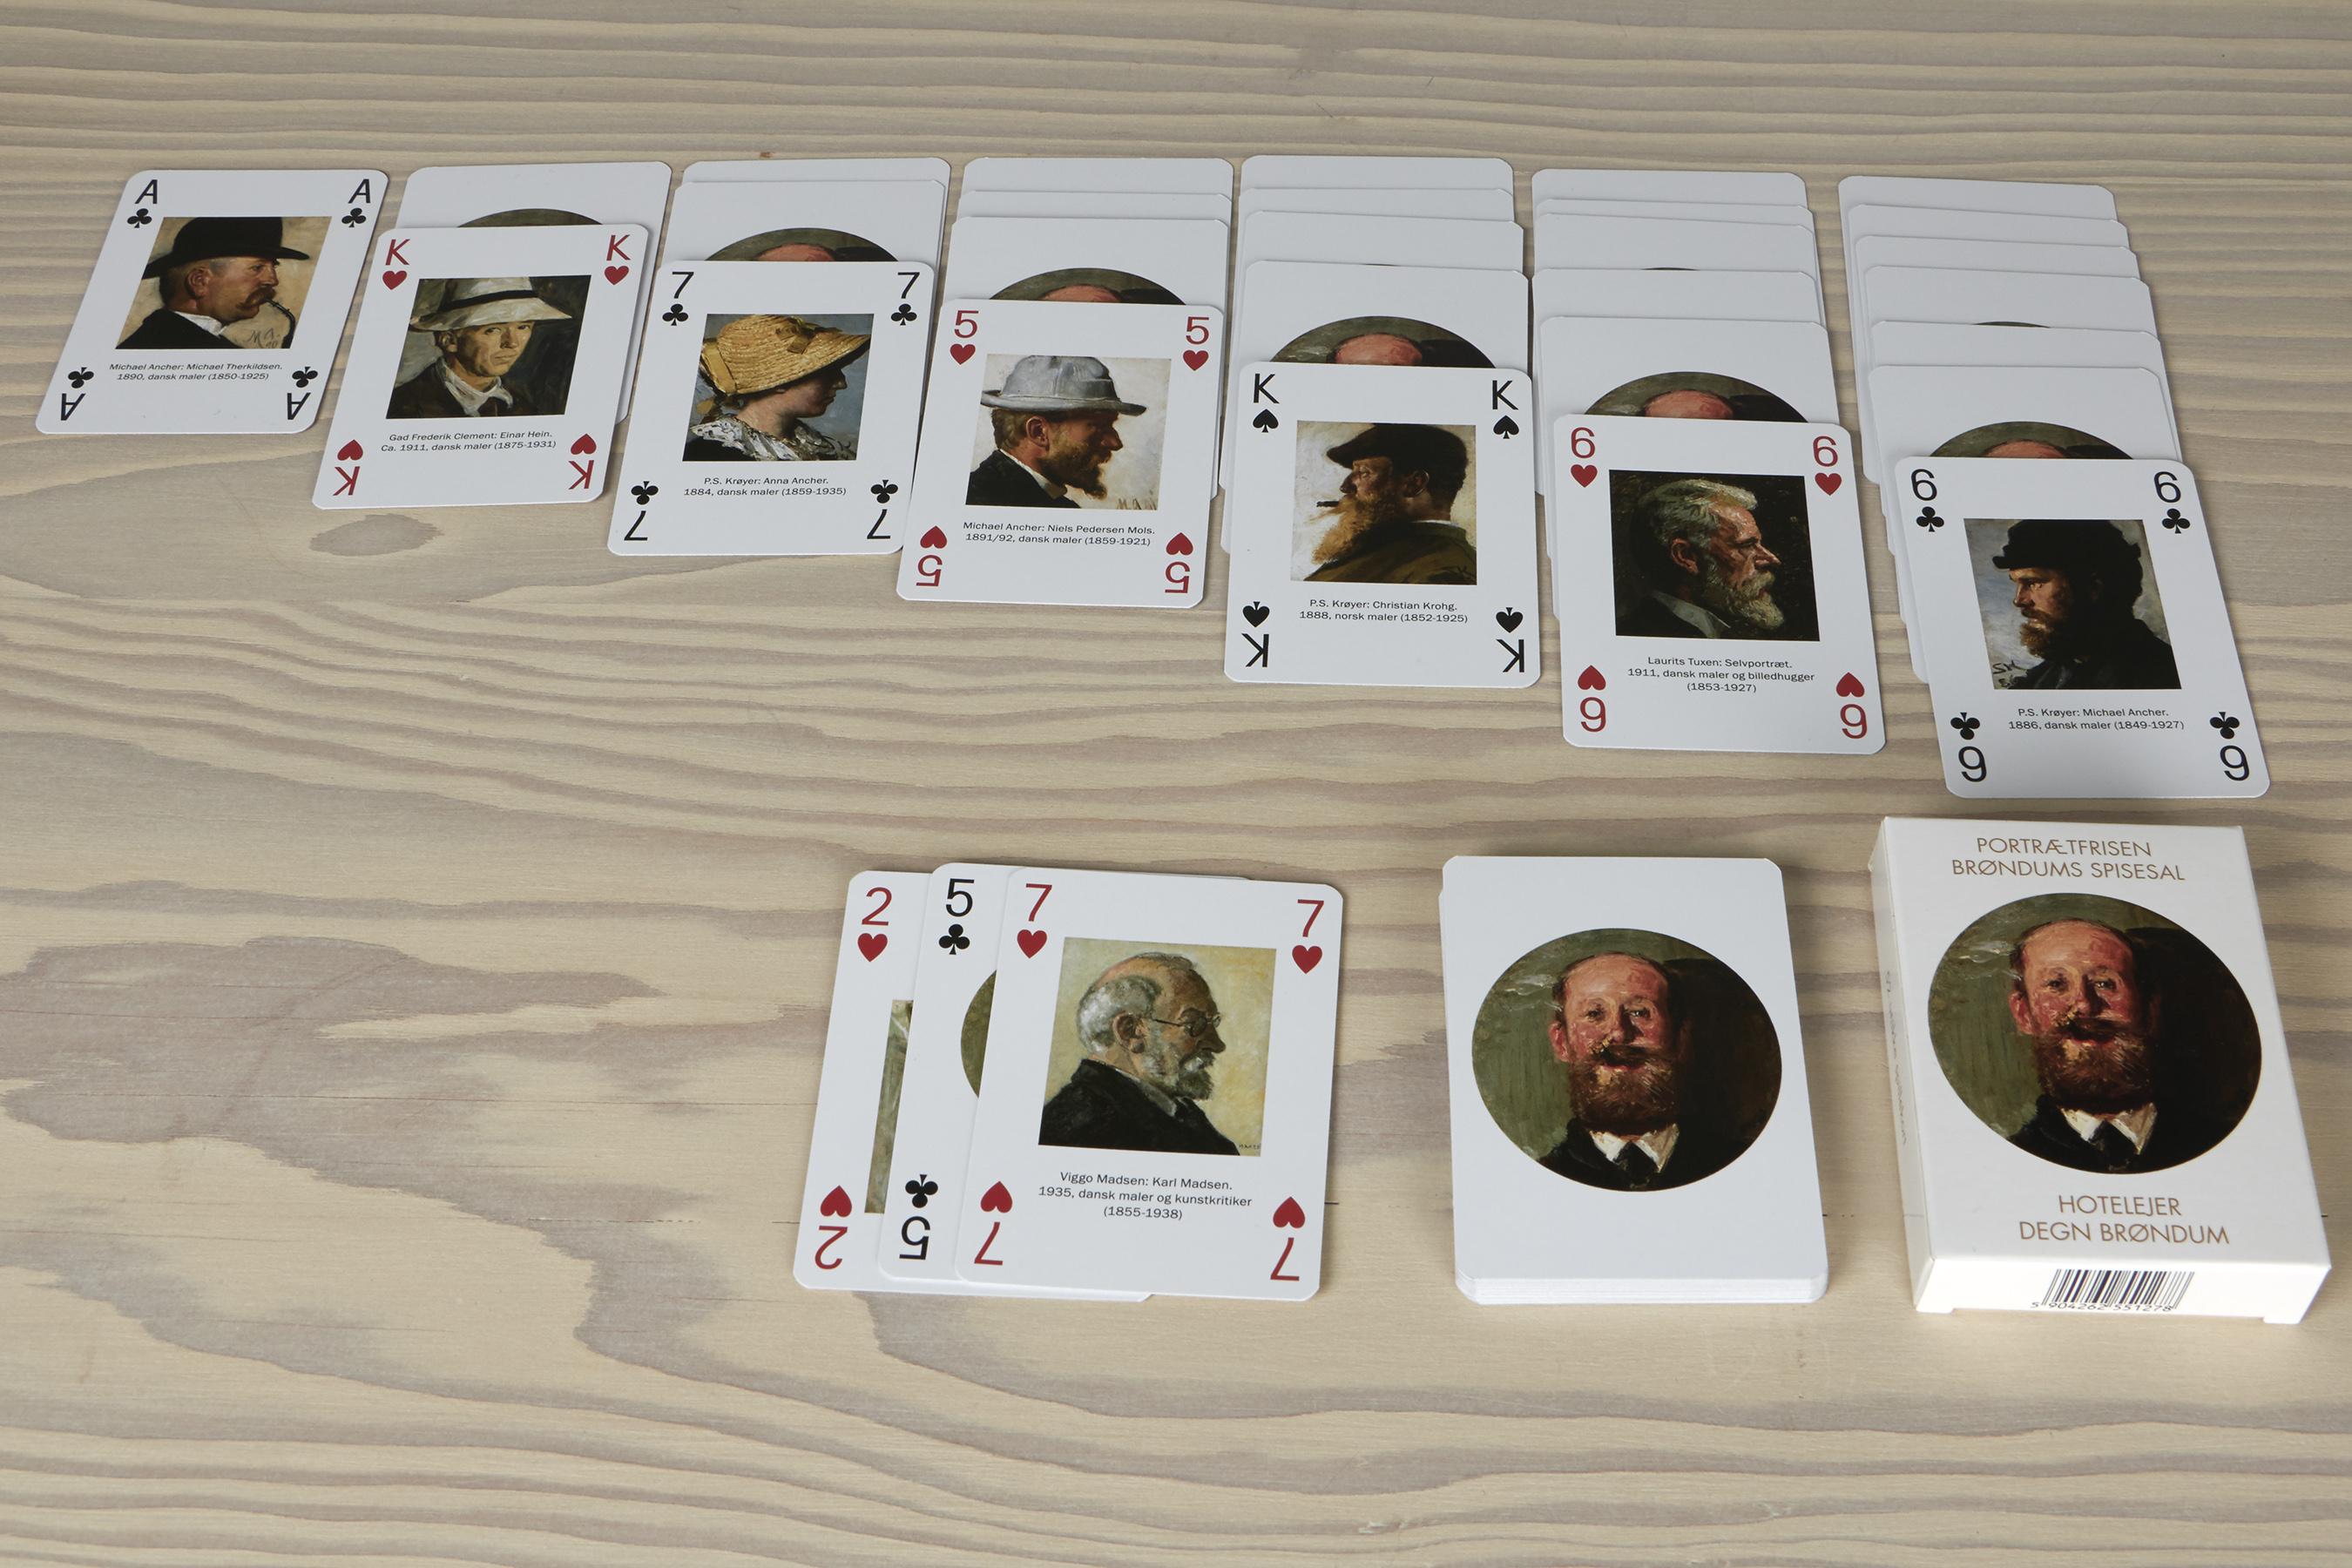 Spillekort | Æske 1 | Portrætfrisen fra Brøndums spisesal på Skagens Museum